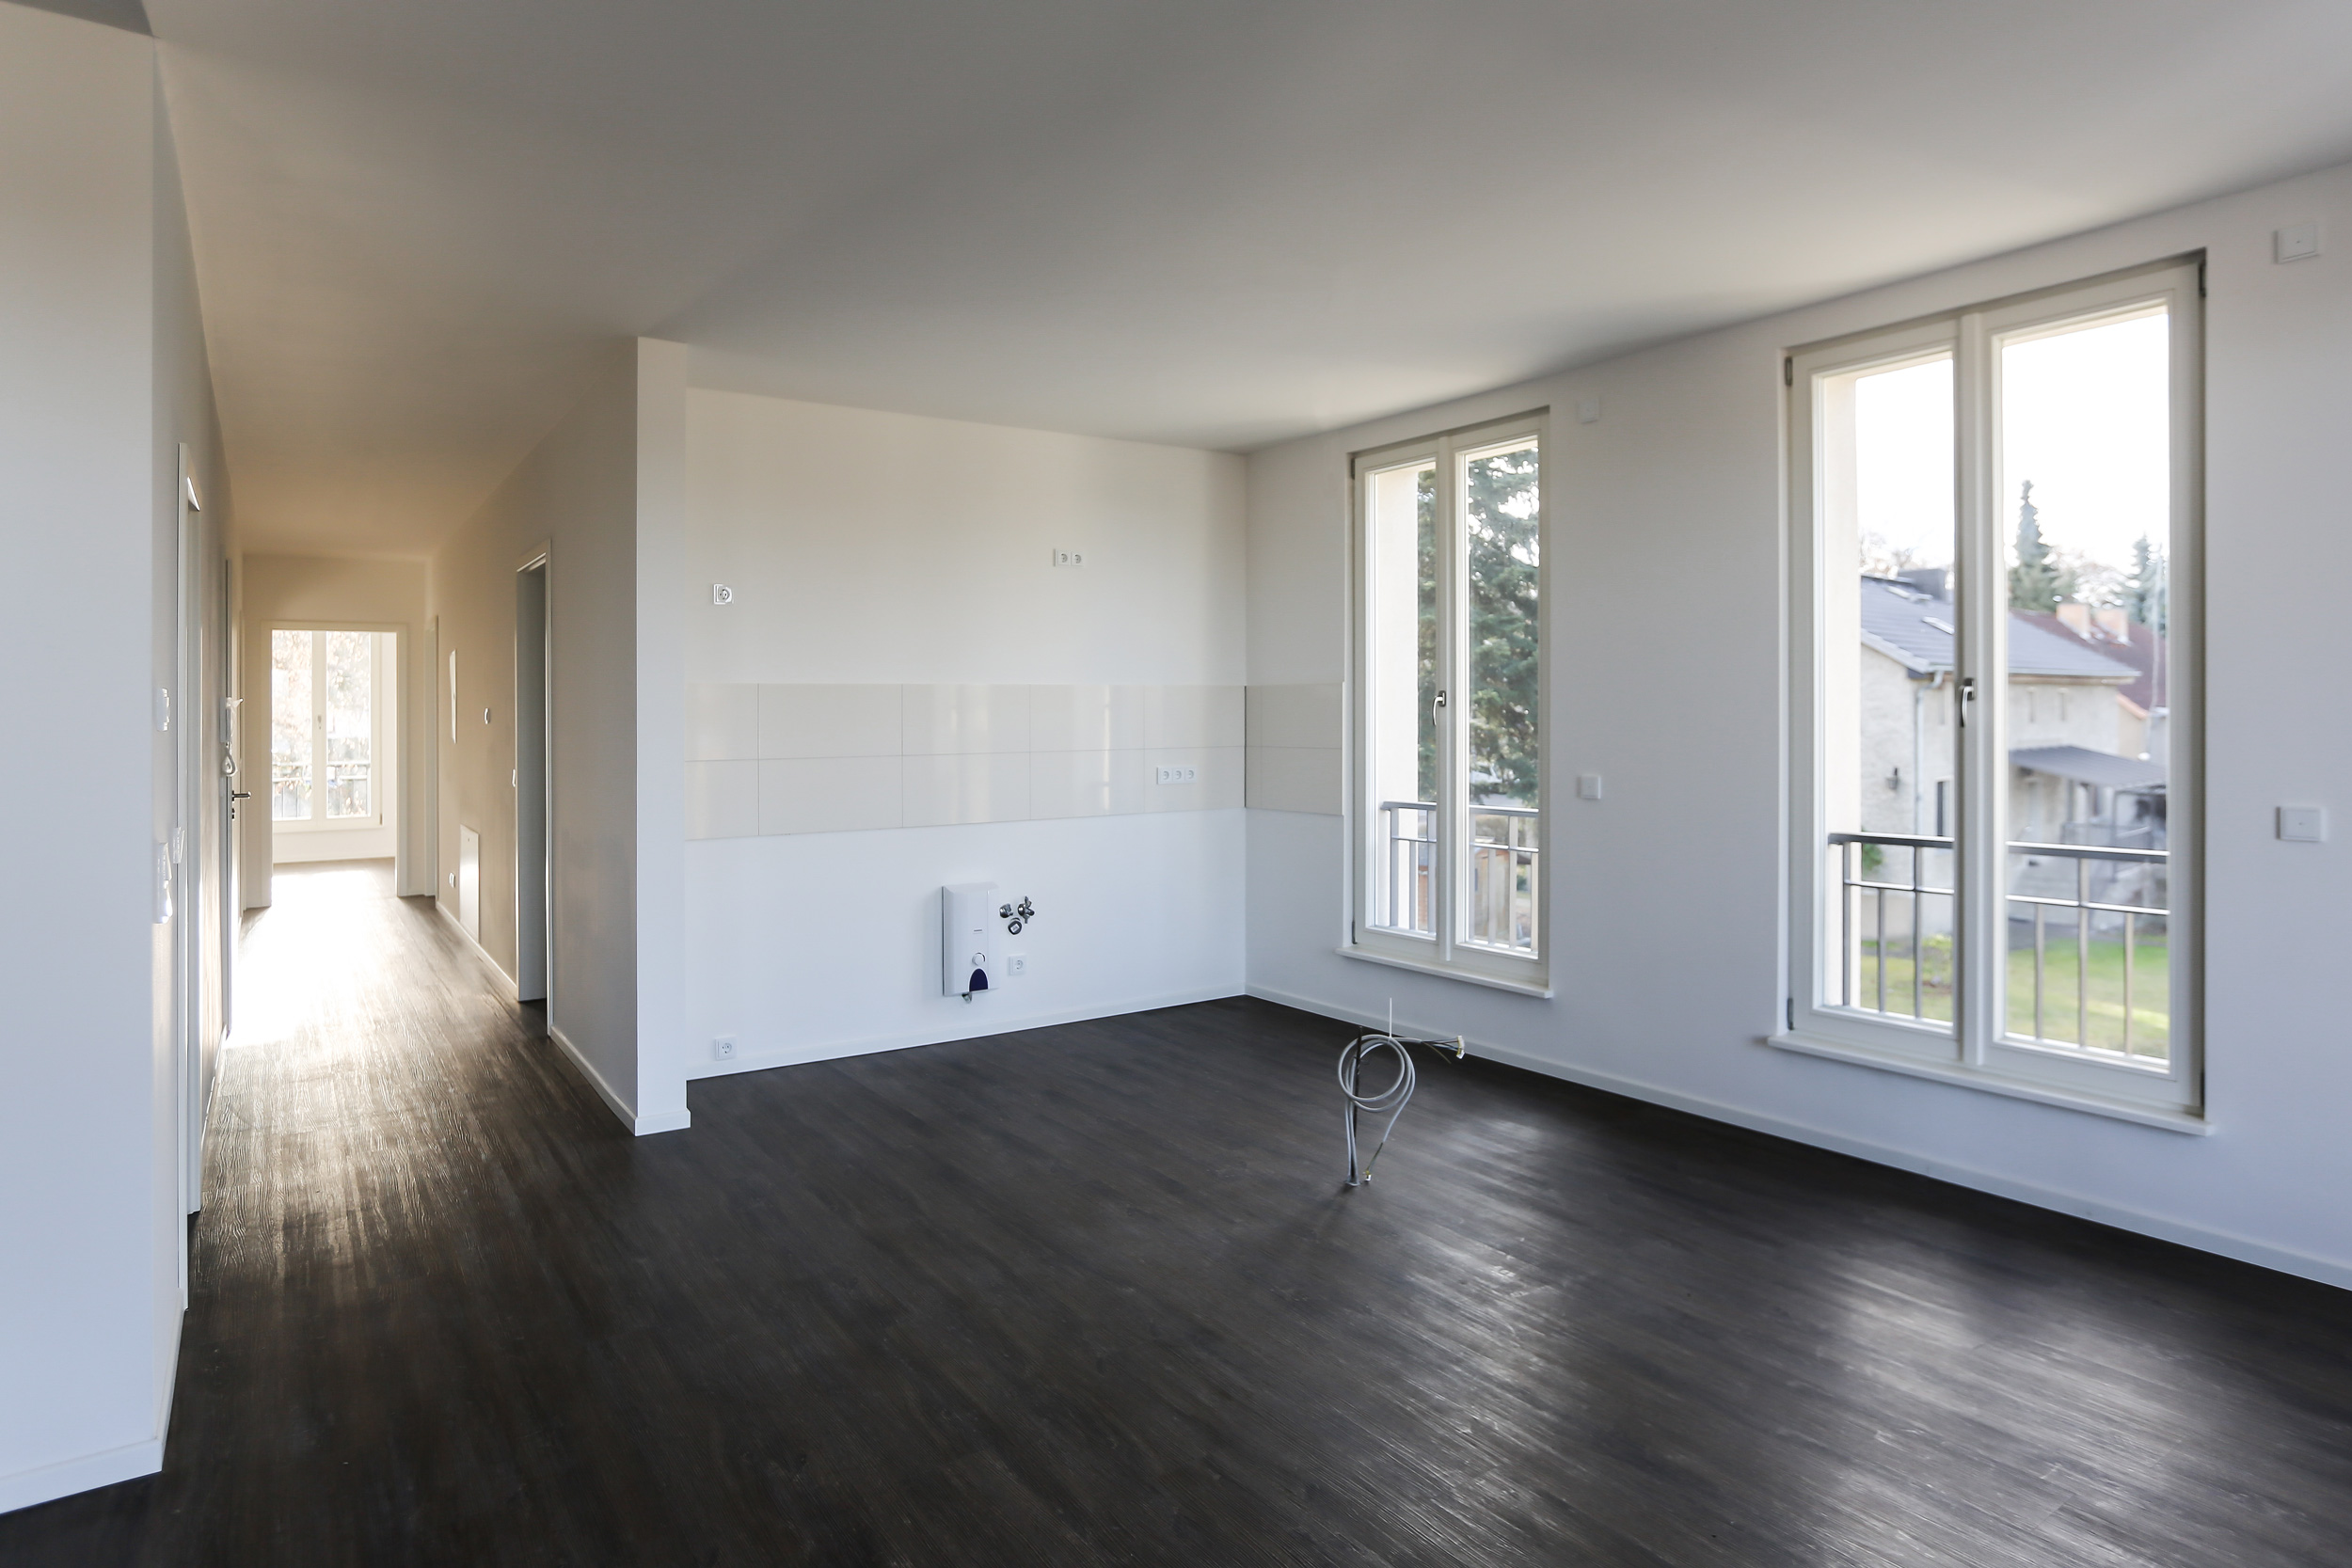 Neubau von Eigentumswohnungen im traditionellen Stil Berlin - In den Wohnbereichen sind Kochen und Essen kombiniert.